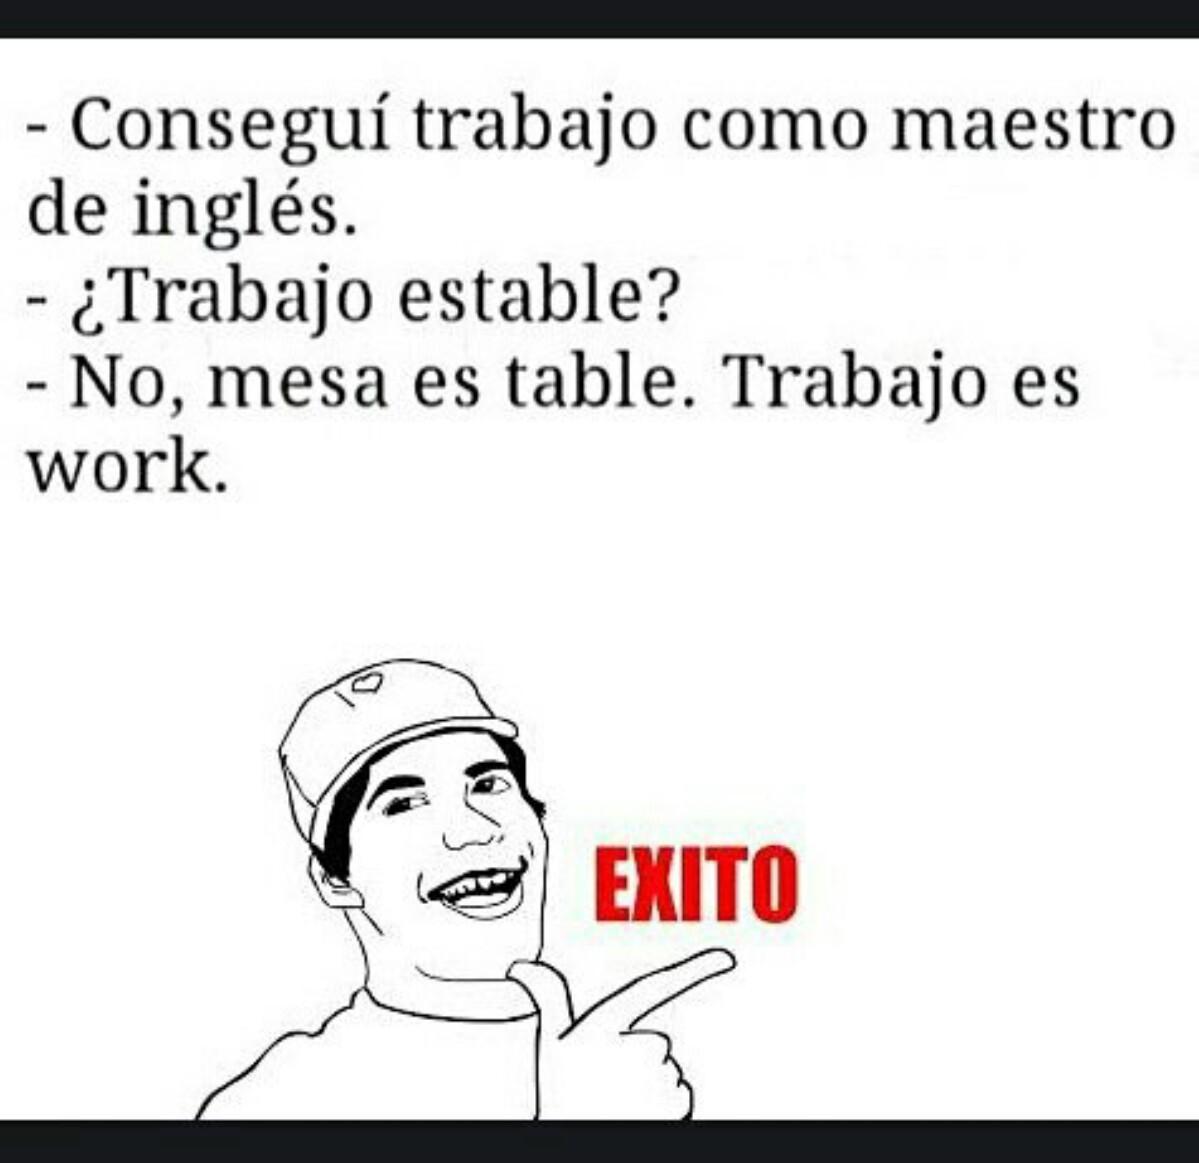 EXITOOO!! - meme